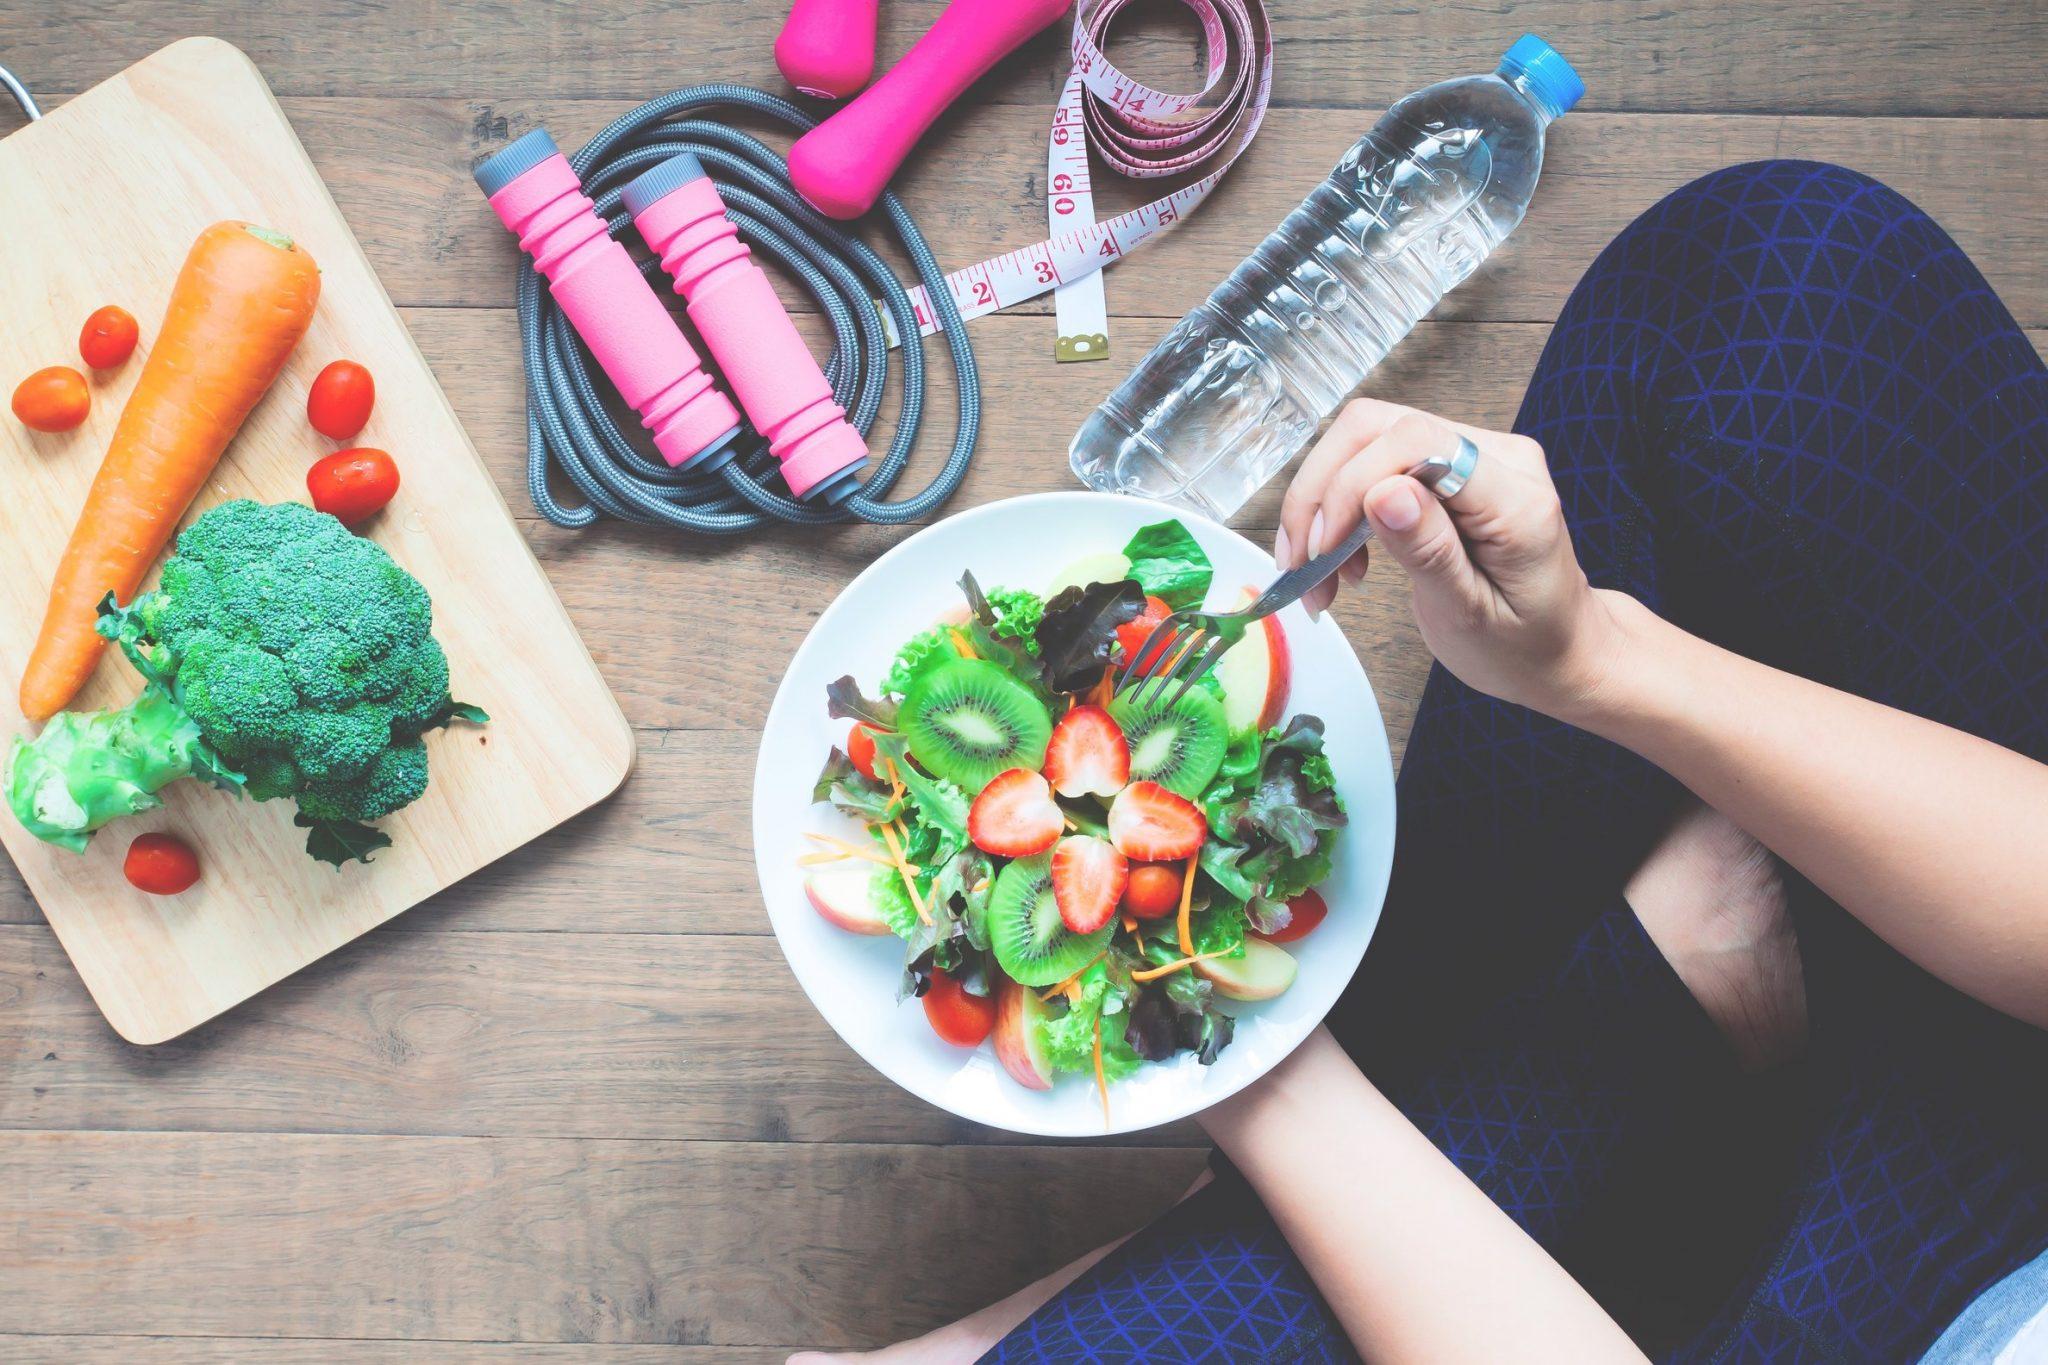 Eat clean, chế độ ăn thần thánh giảm cân trong 1 tuần siêu nhanh và an toàn